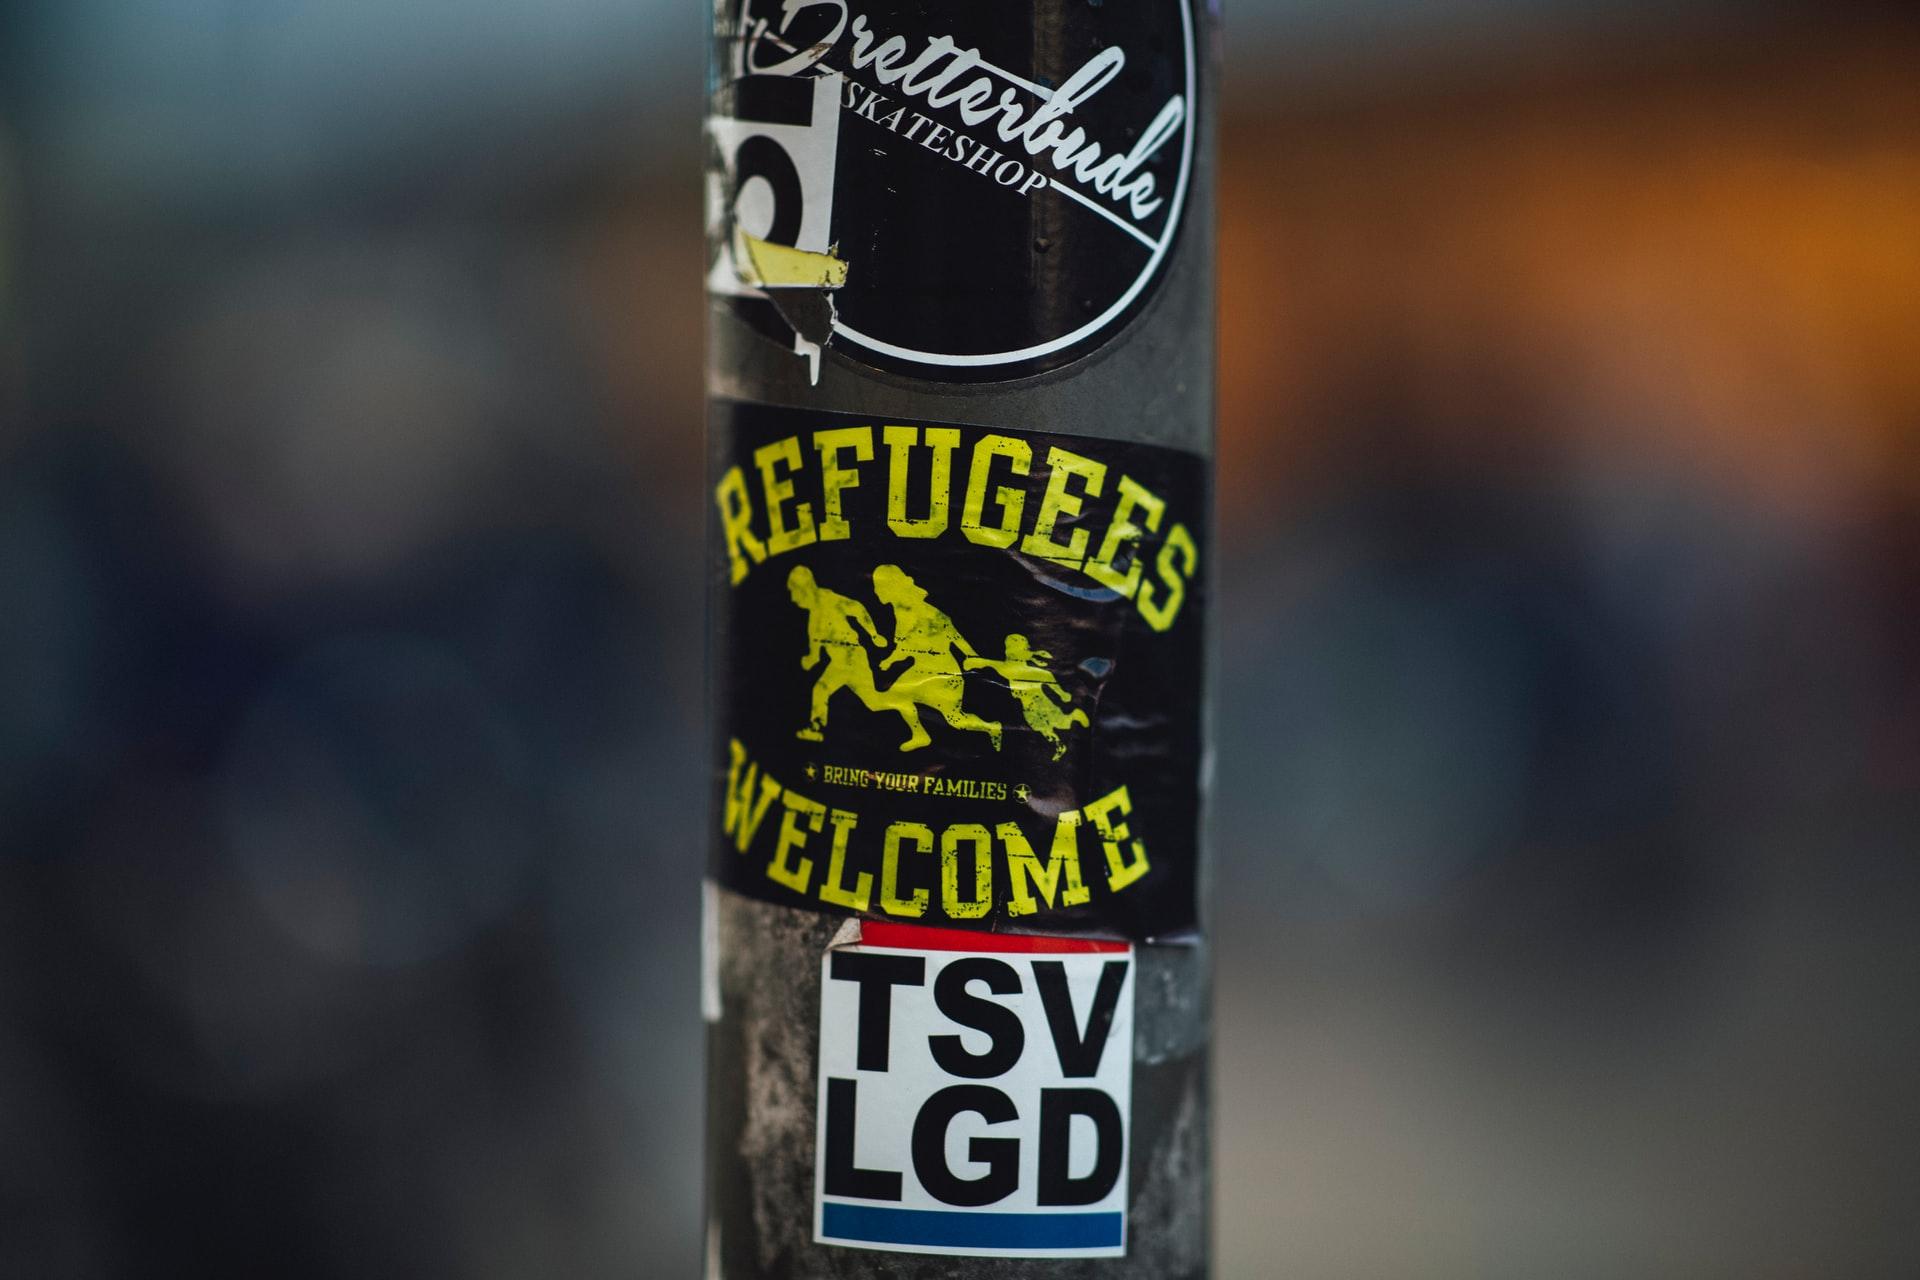 200605 - Autocollant Refugees Welcome sur un poteau à Erlangen en Allemagne by Markus Spiske Licence Unsplash - La Déviationd